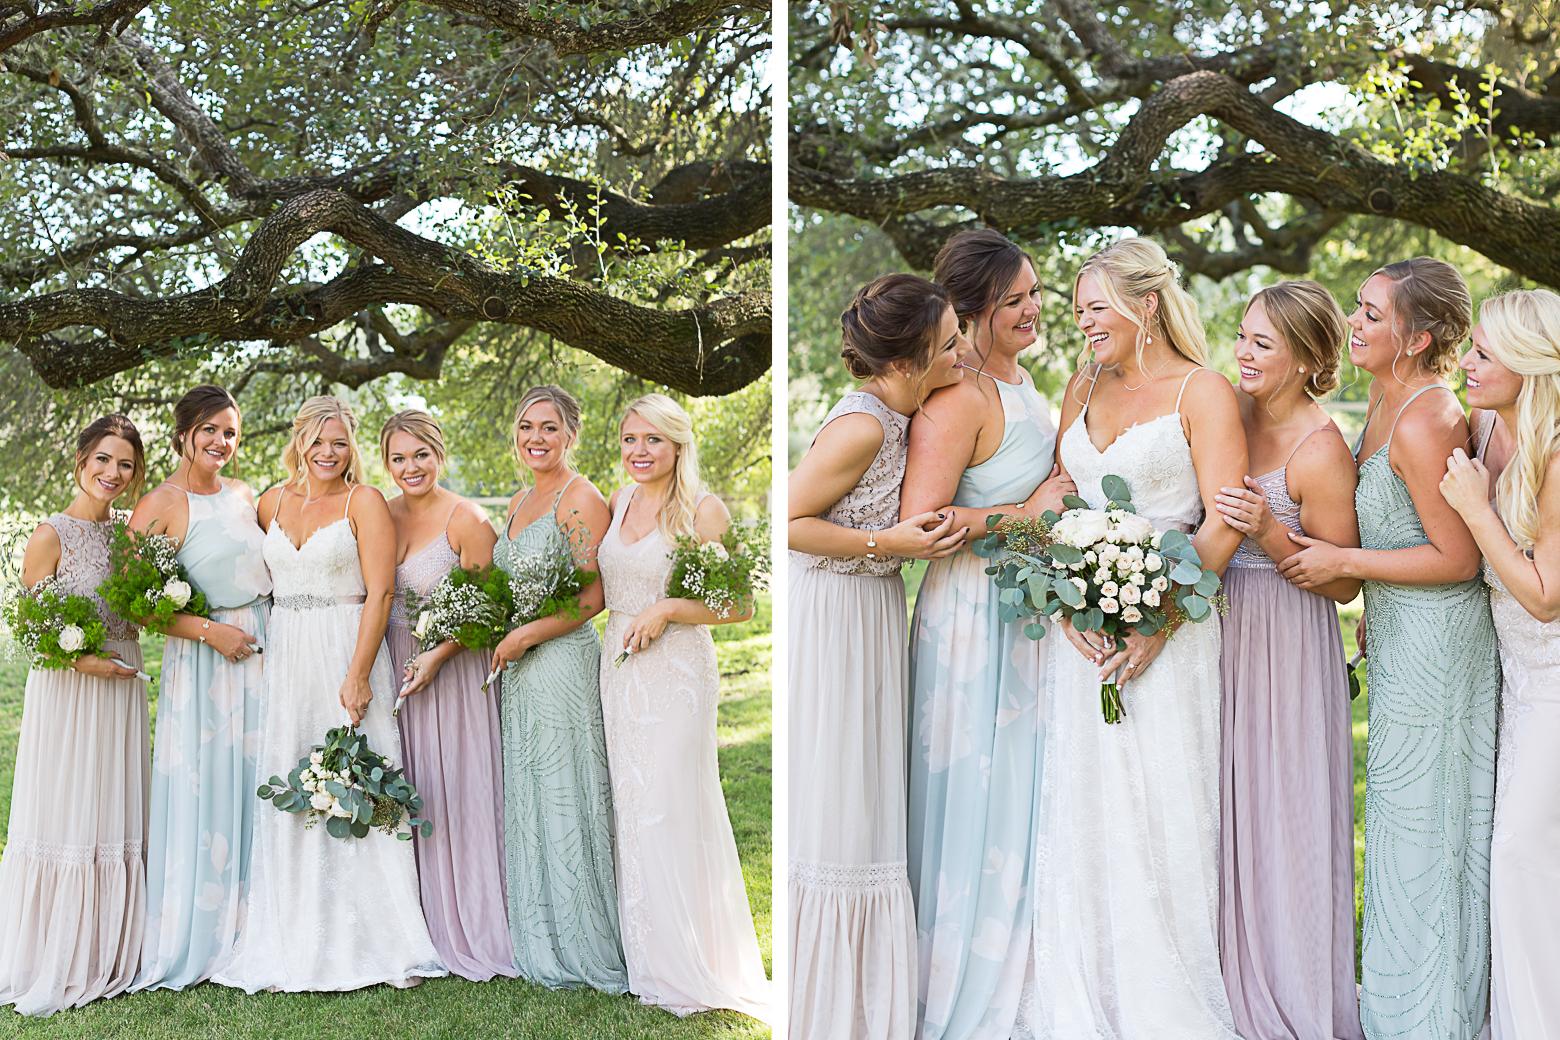 mismatched-bridesmaids-pastels.jpg